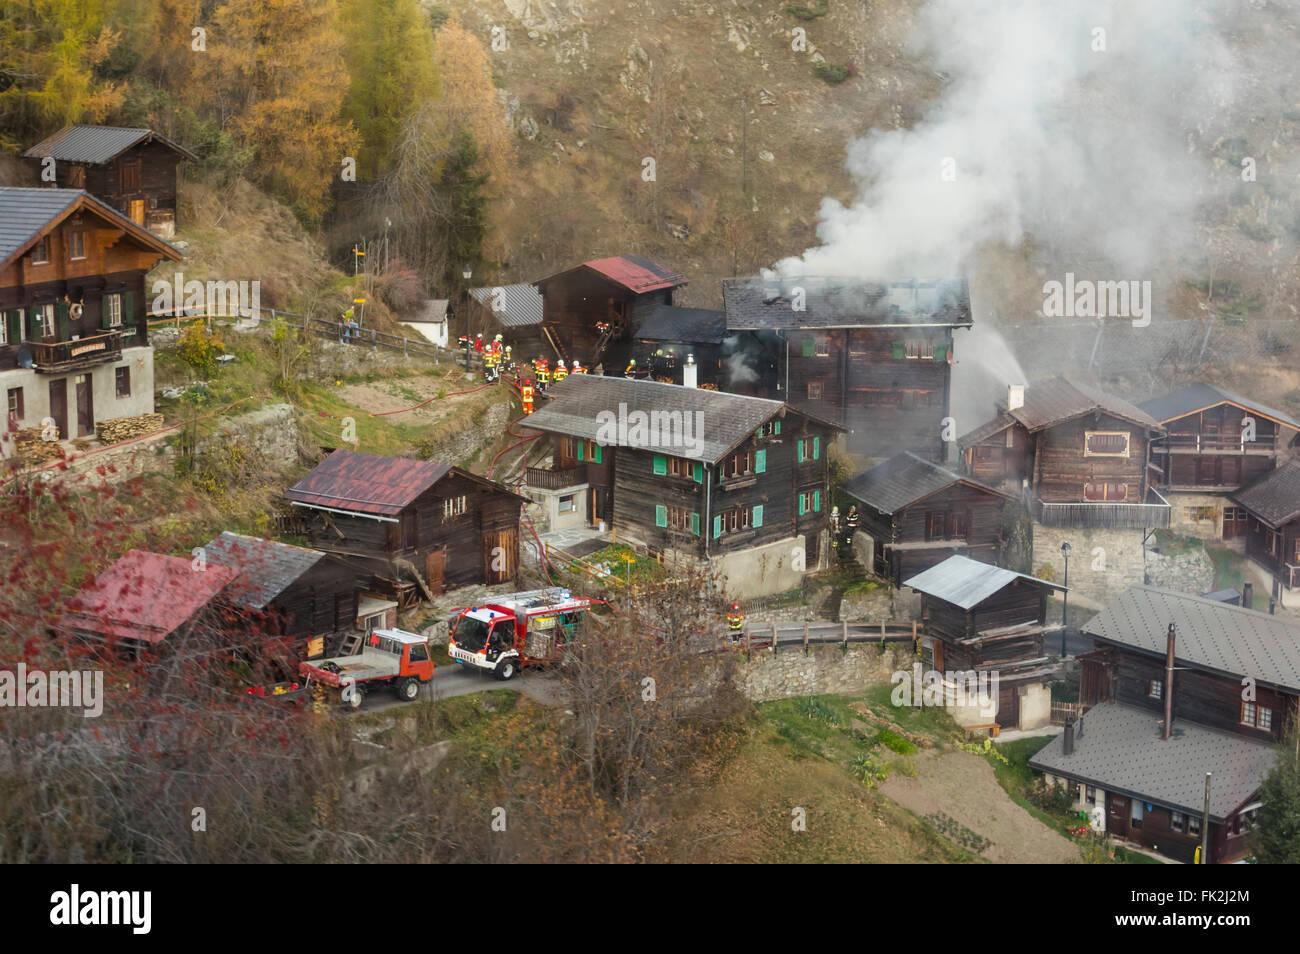 feuerwehrleute l schen eines brandes in einem chalet in den schweizer alpen betten dorf wallis. Black Bedroom Furniture Sets. Home Design Ideas